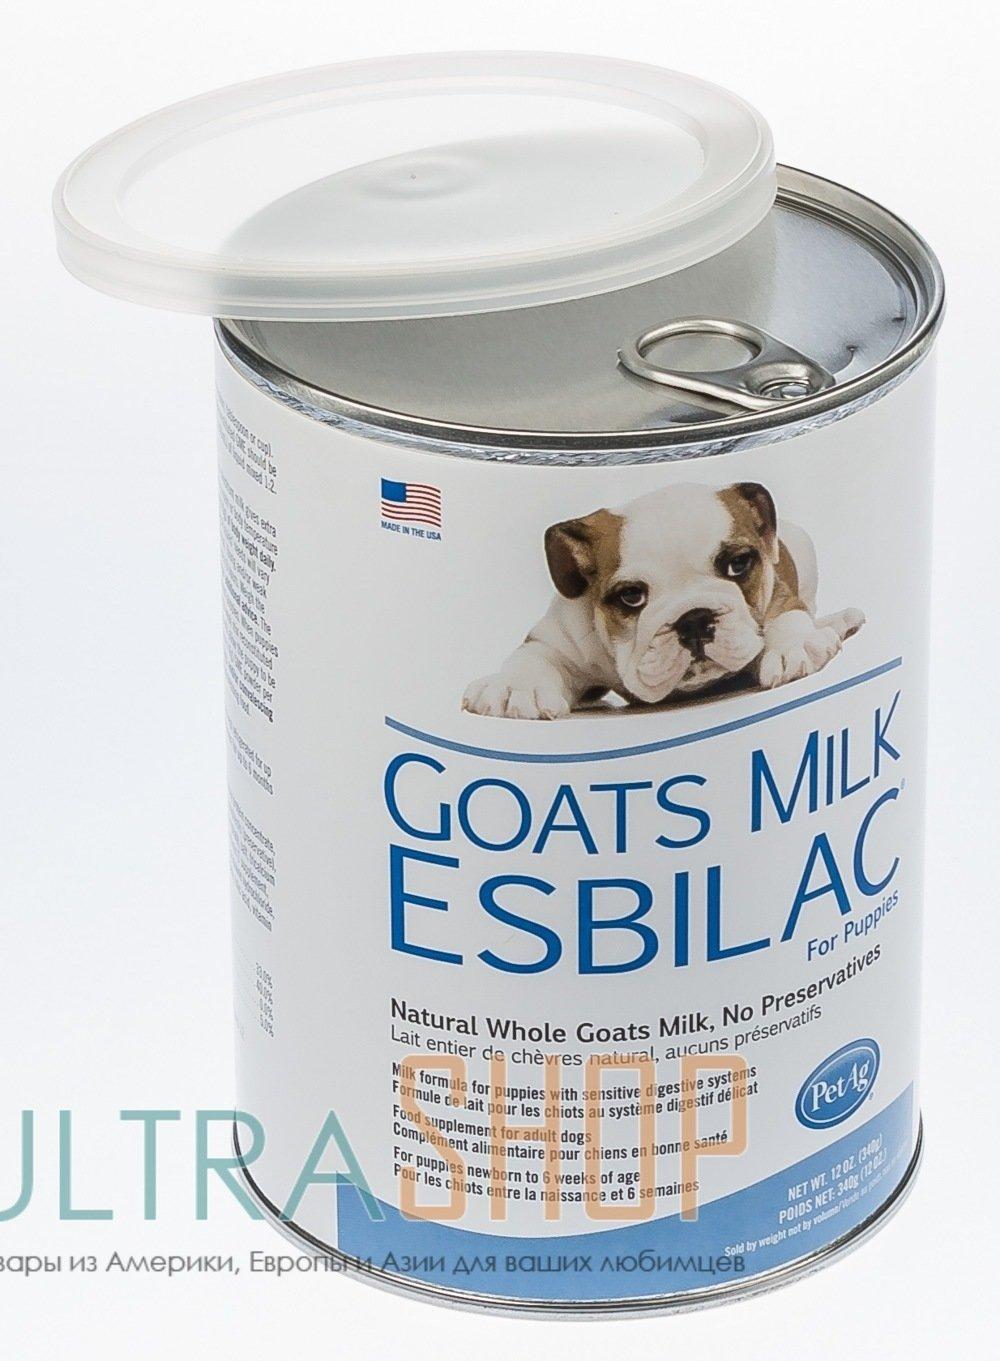 PetAg Goats Milk Esbilac - козье молоко для щенков